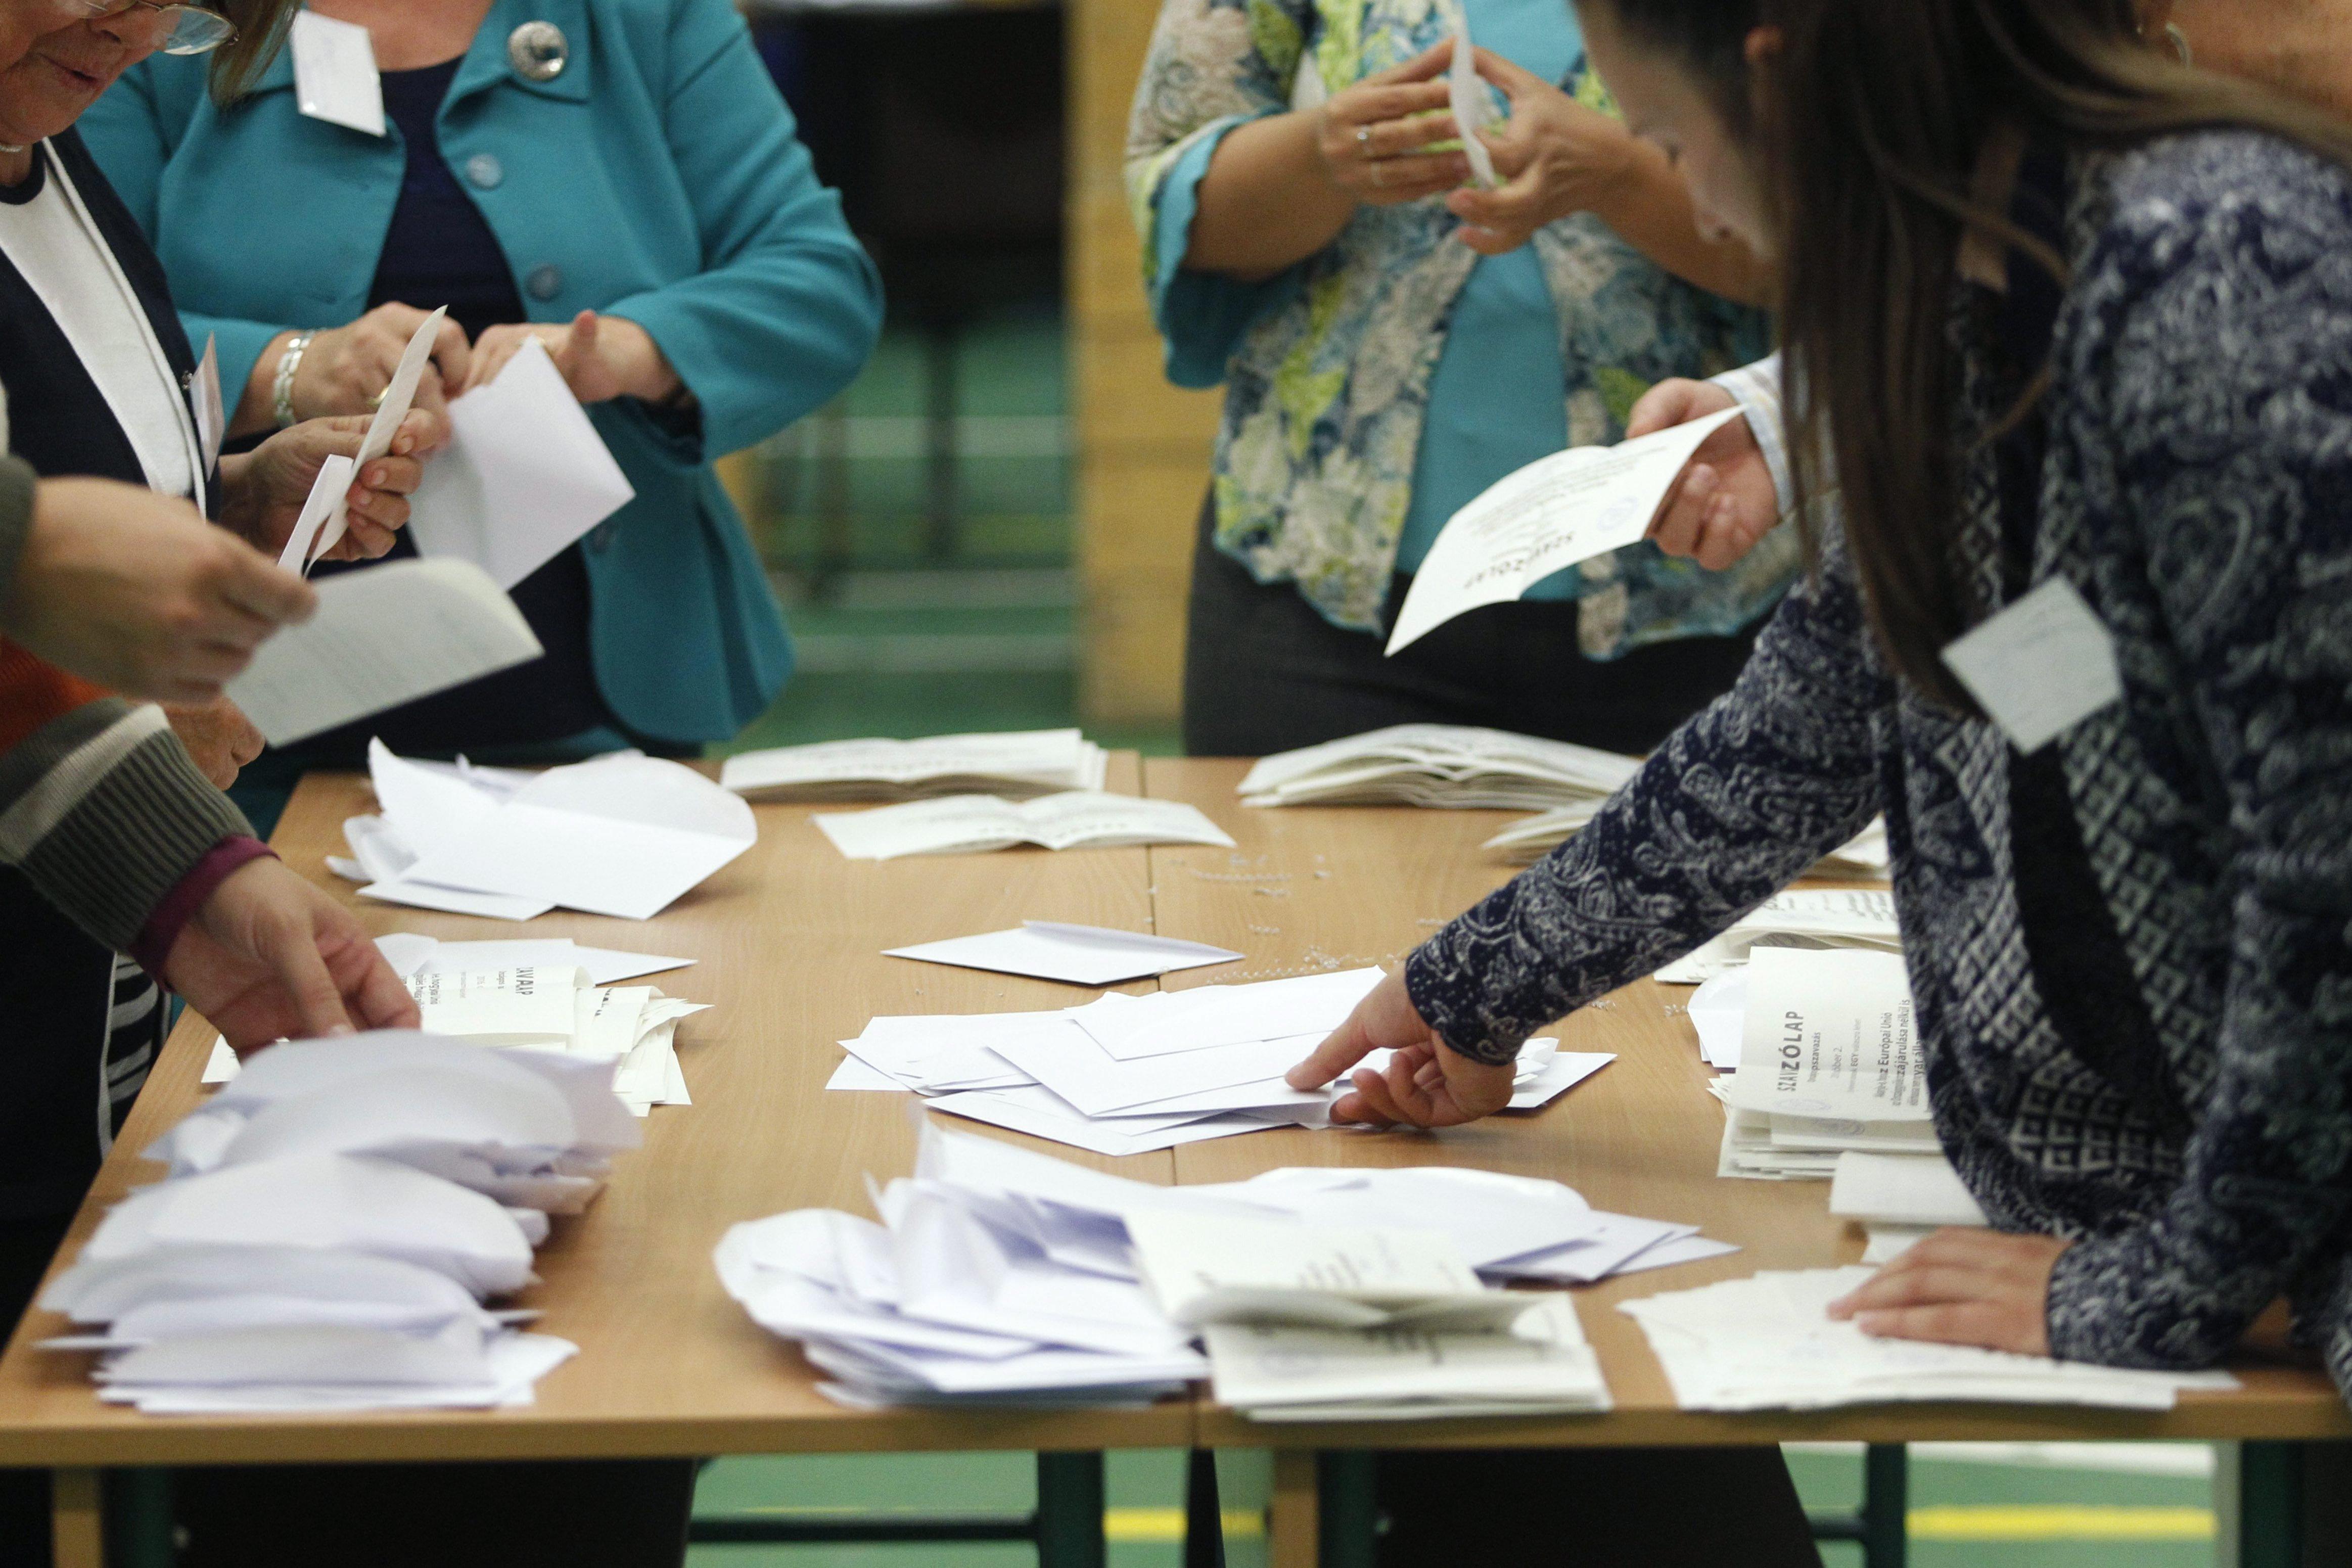 Az NVI pont egy órával előtte szólt a pártoknak, hogy betekinthetnek a választási informatikai rendszerbe